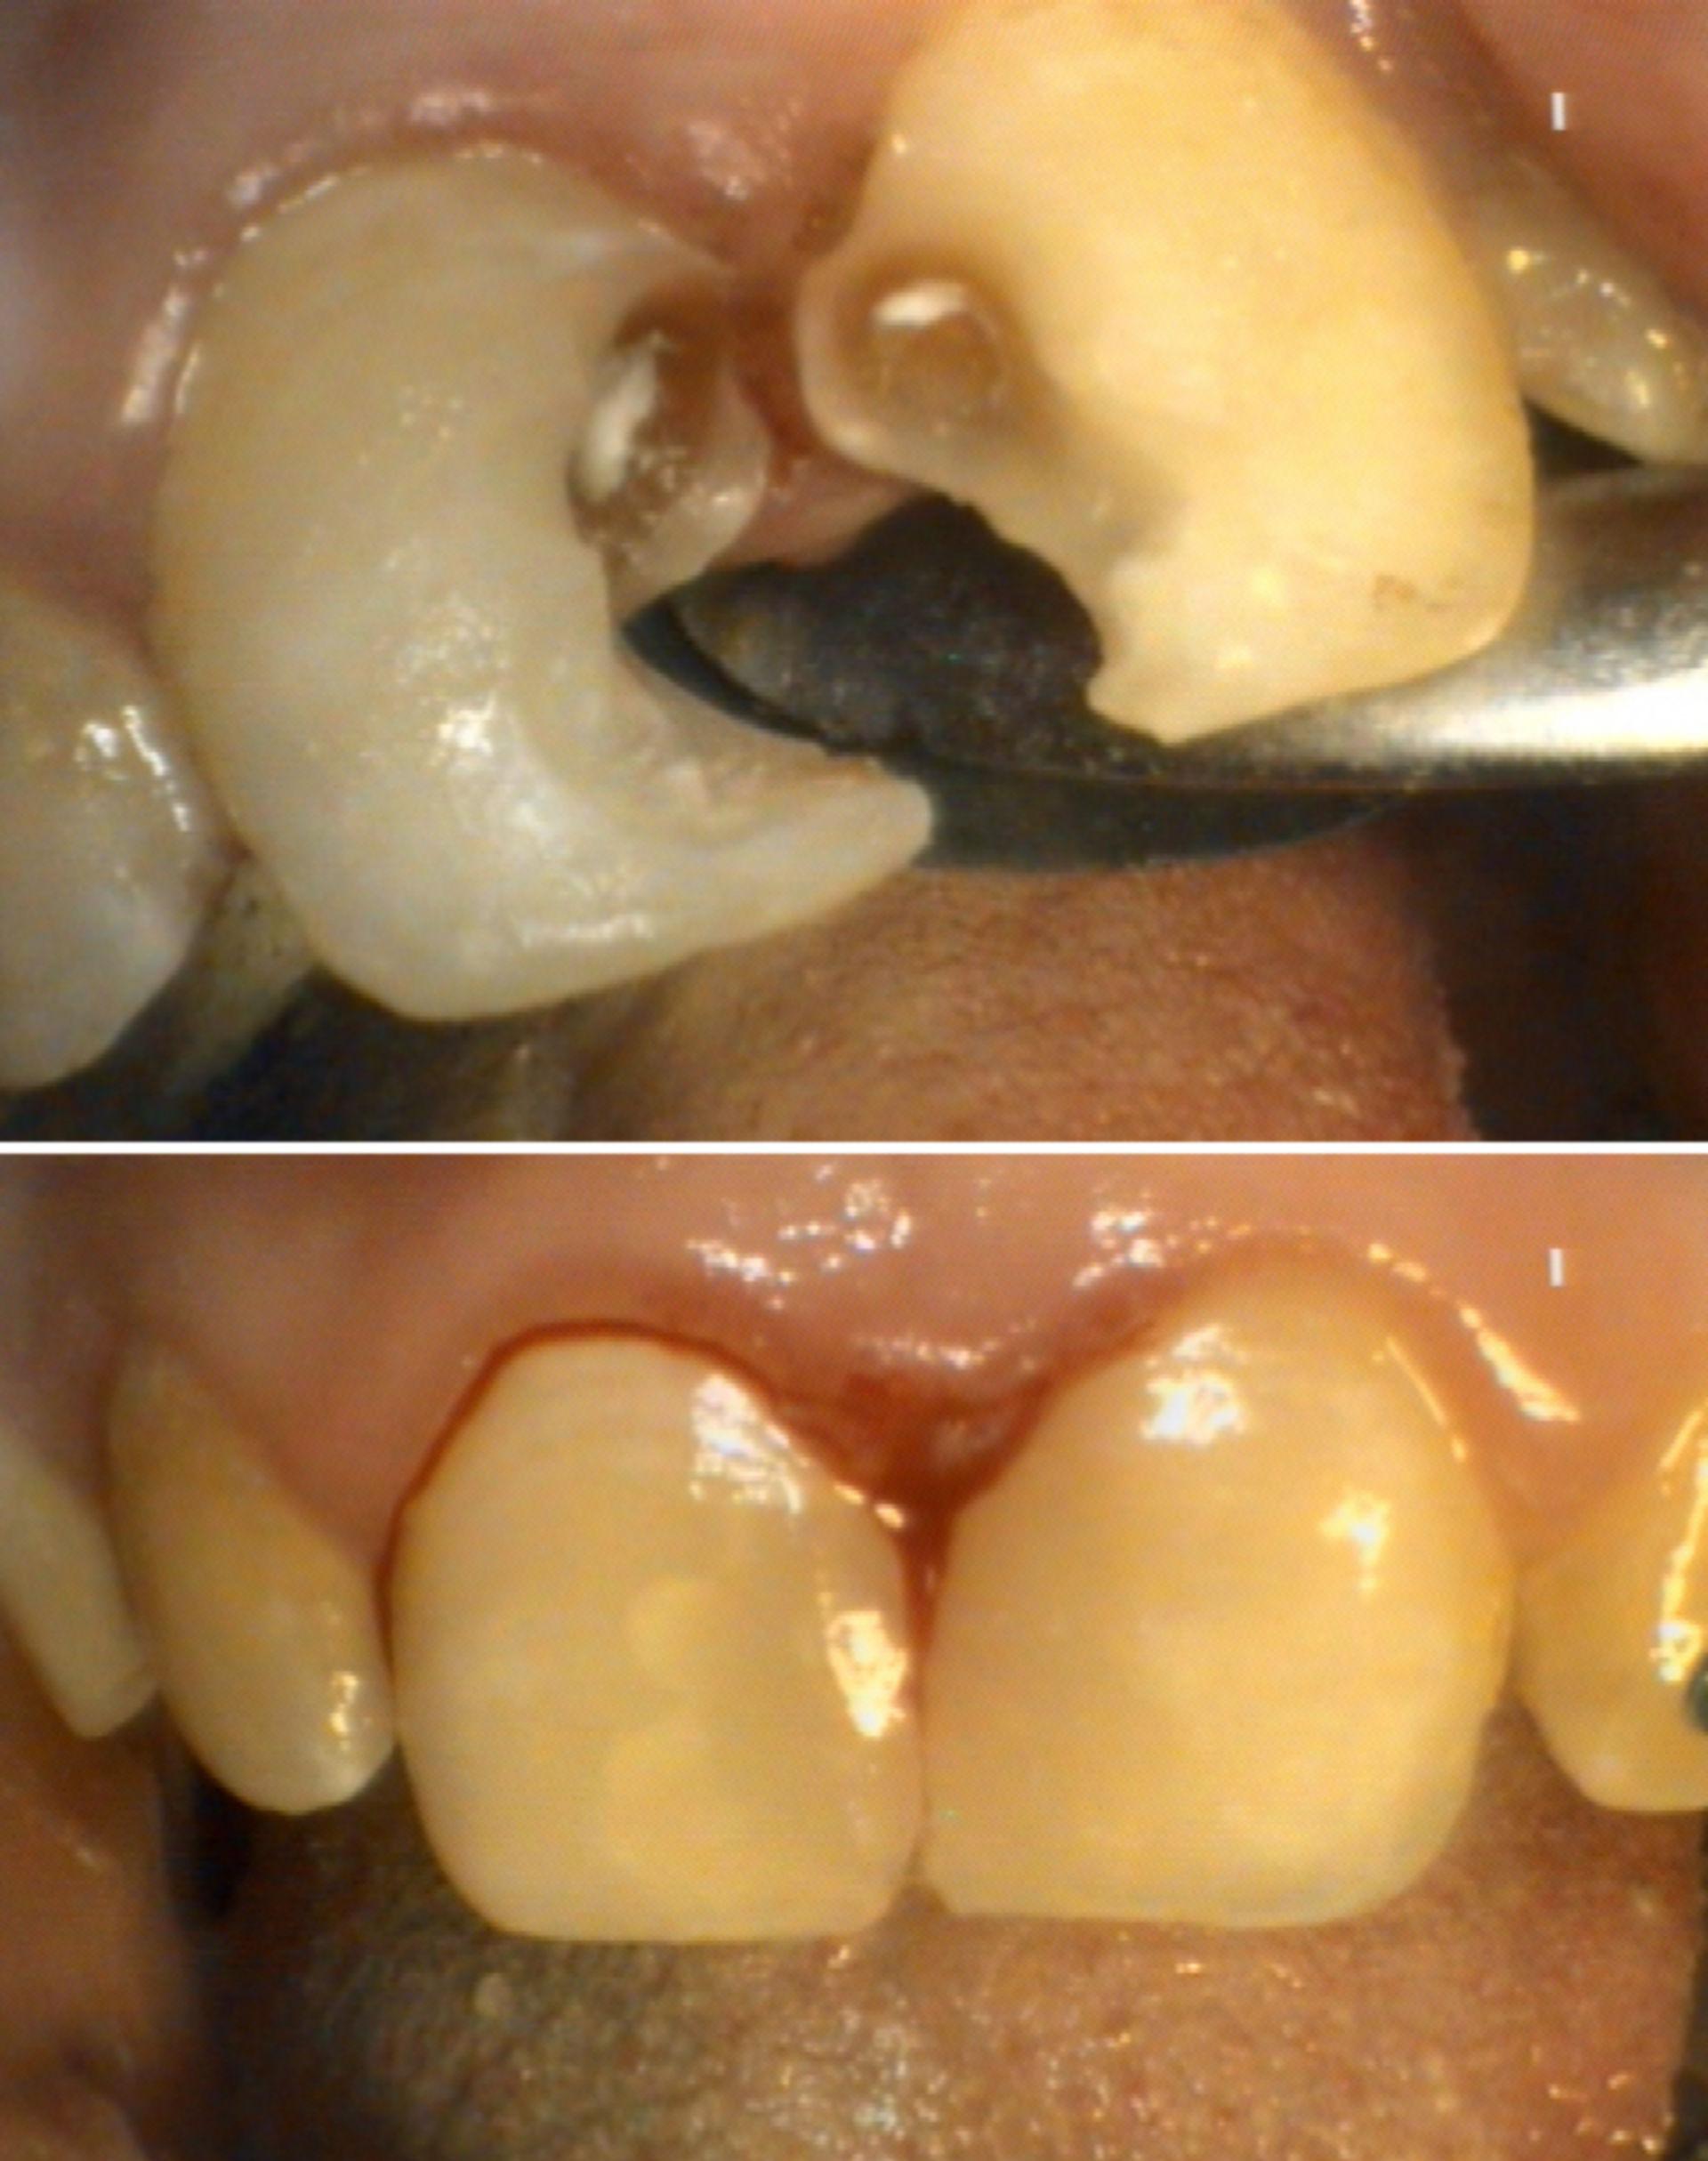 Dental restoration II